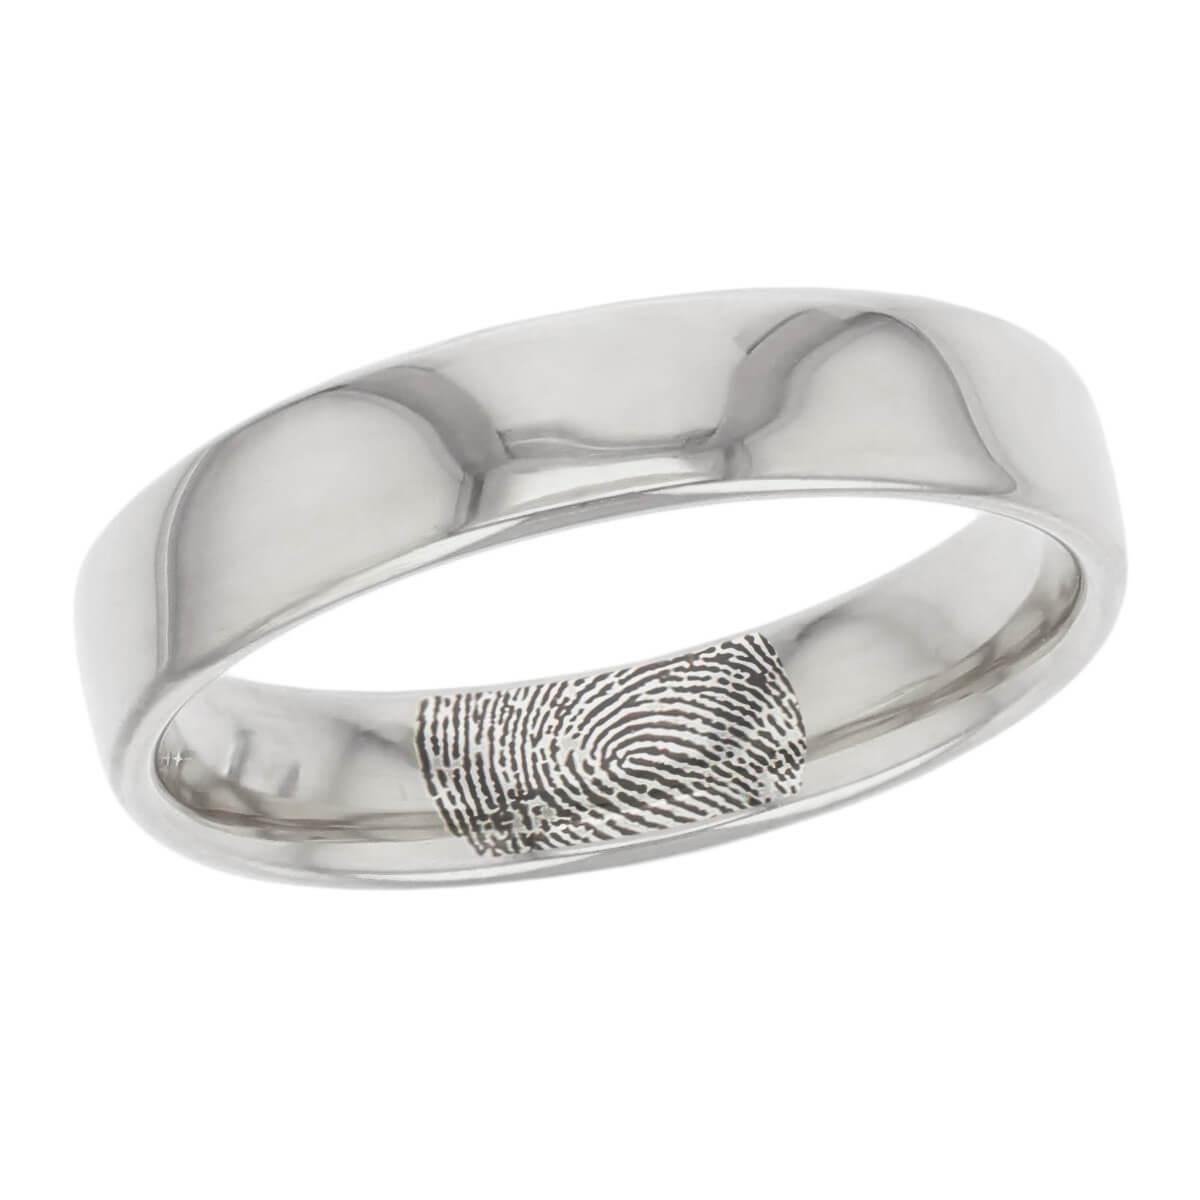 التجزئه صنعت لتتذكر المخلفات Fingerprint Wedding Ring Cabuildingbridges Org